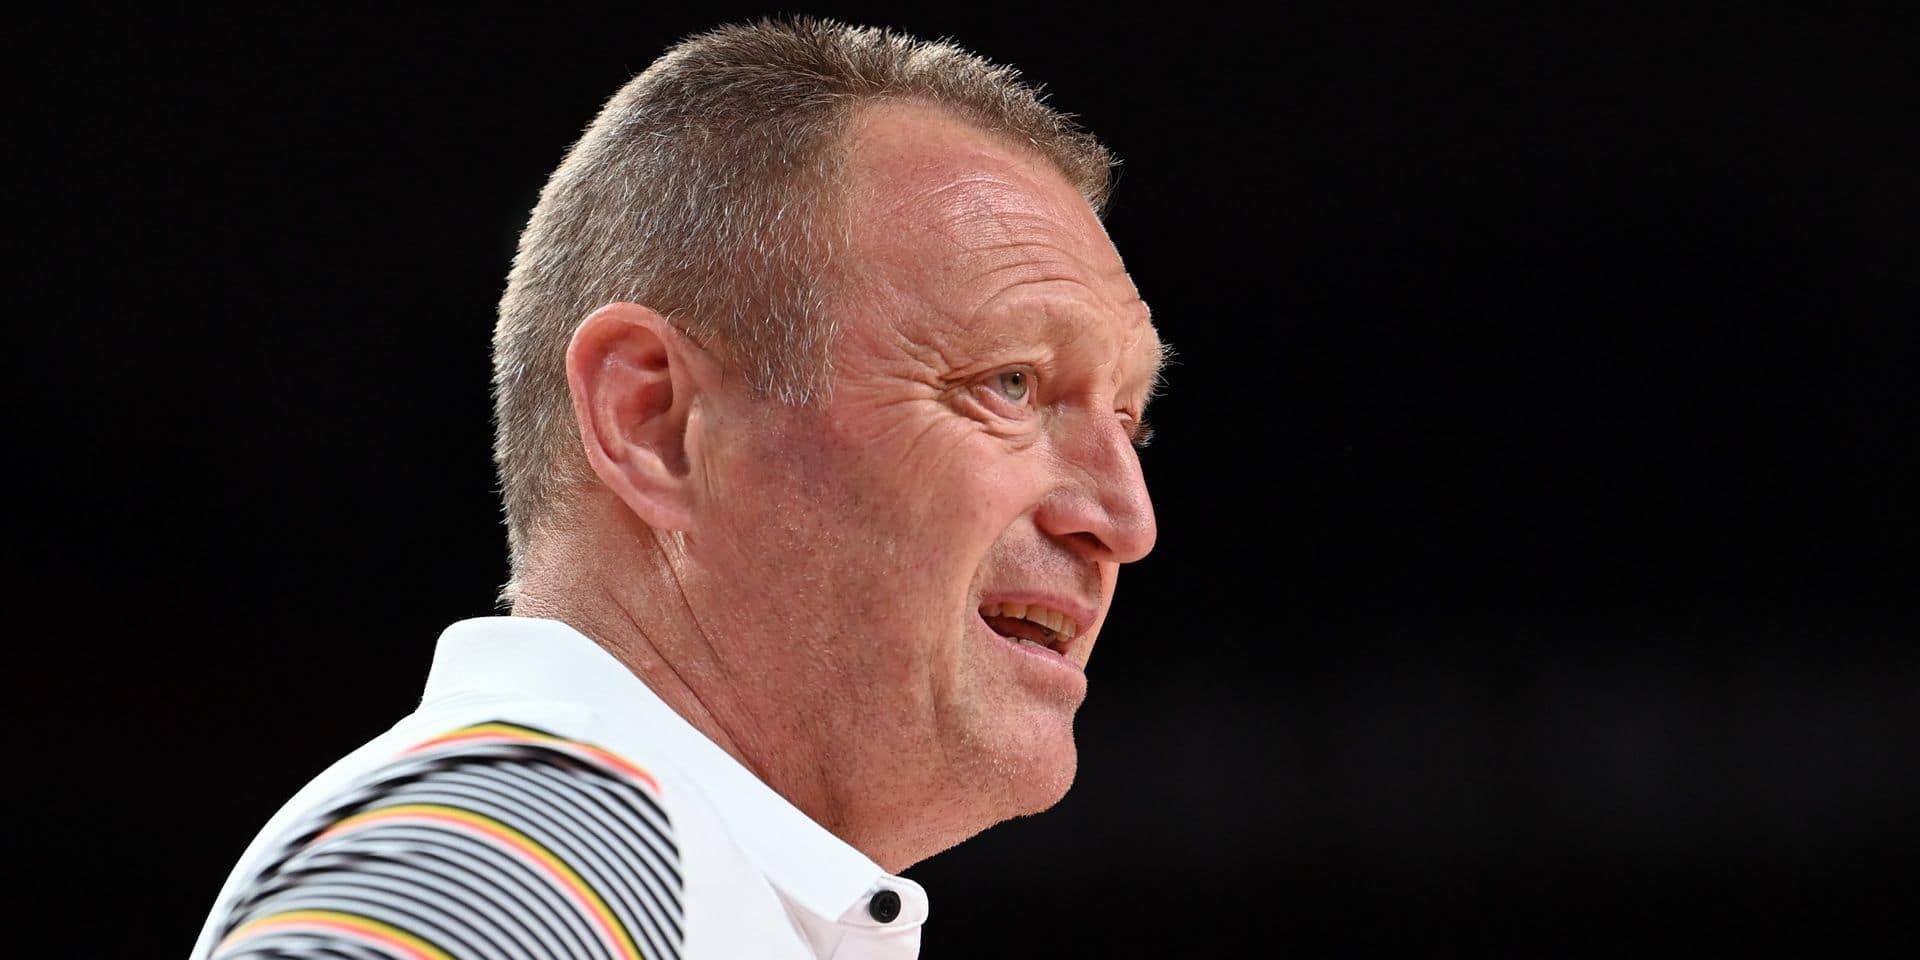 """Philip Mestdagh quitte son poste d'entraîneur des Belgian Cats: """"Le groupe a besoin d'une nouvelle voix"""""""